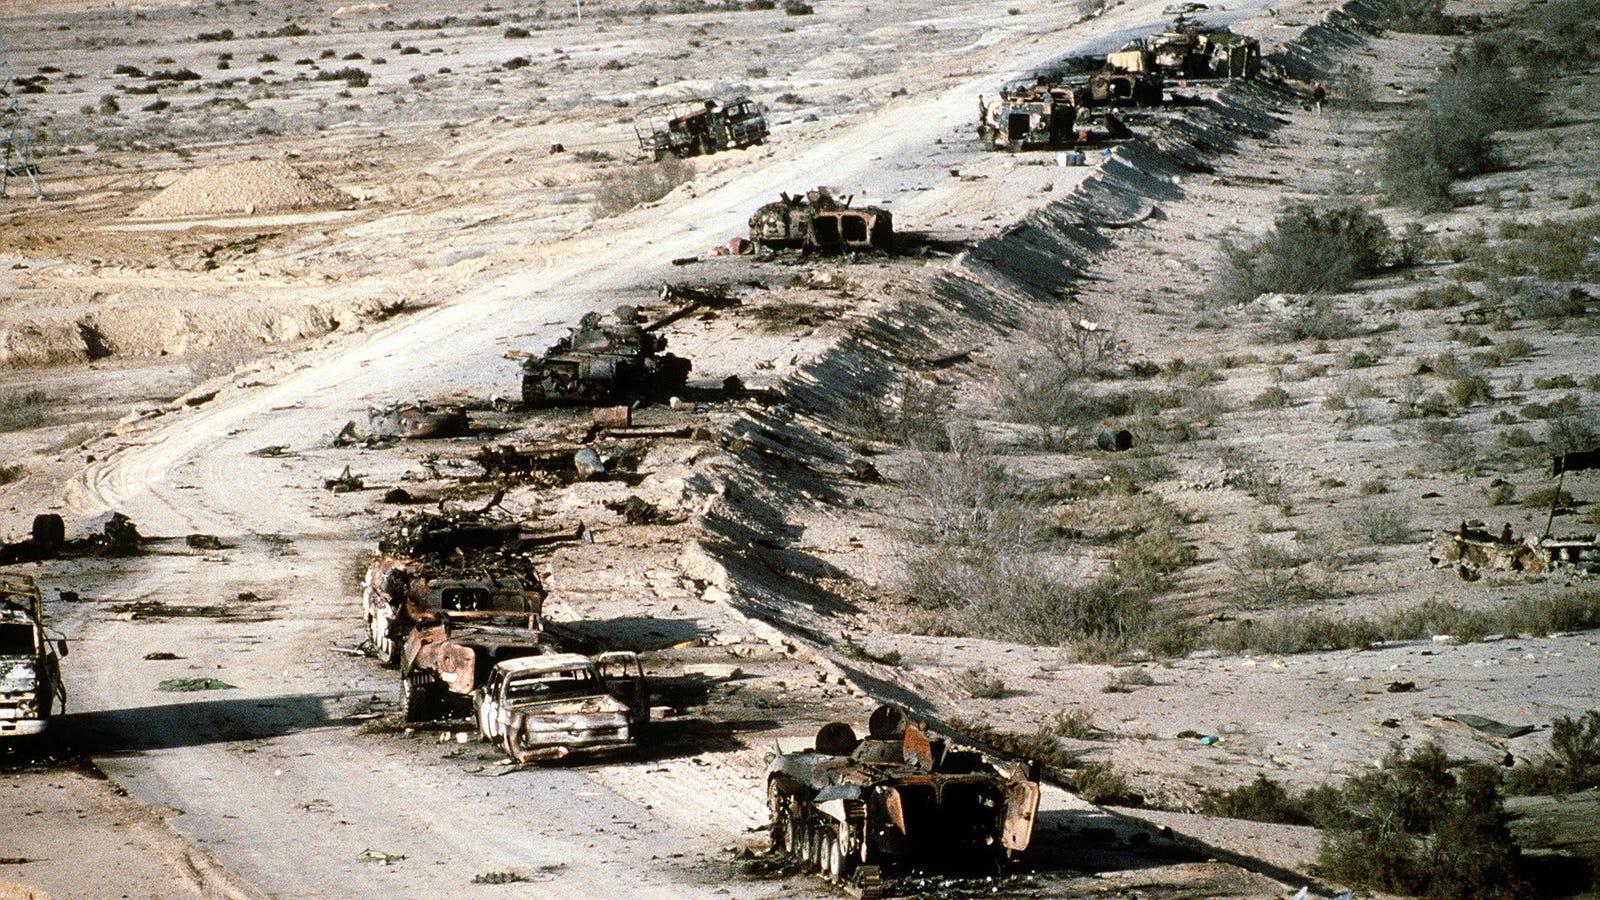 Aunque parezca un escenario de Mad Max, lo que ocurrió en la Autopista de la Muerte fue real y mucho peor